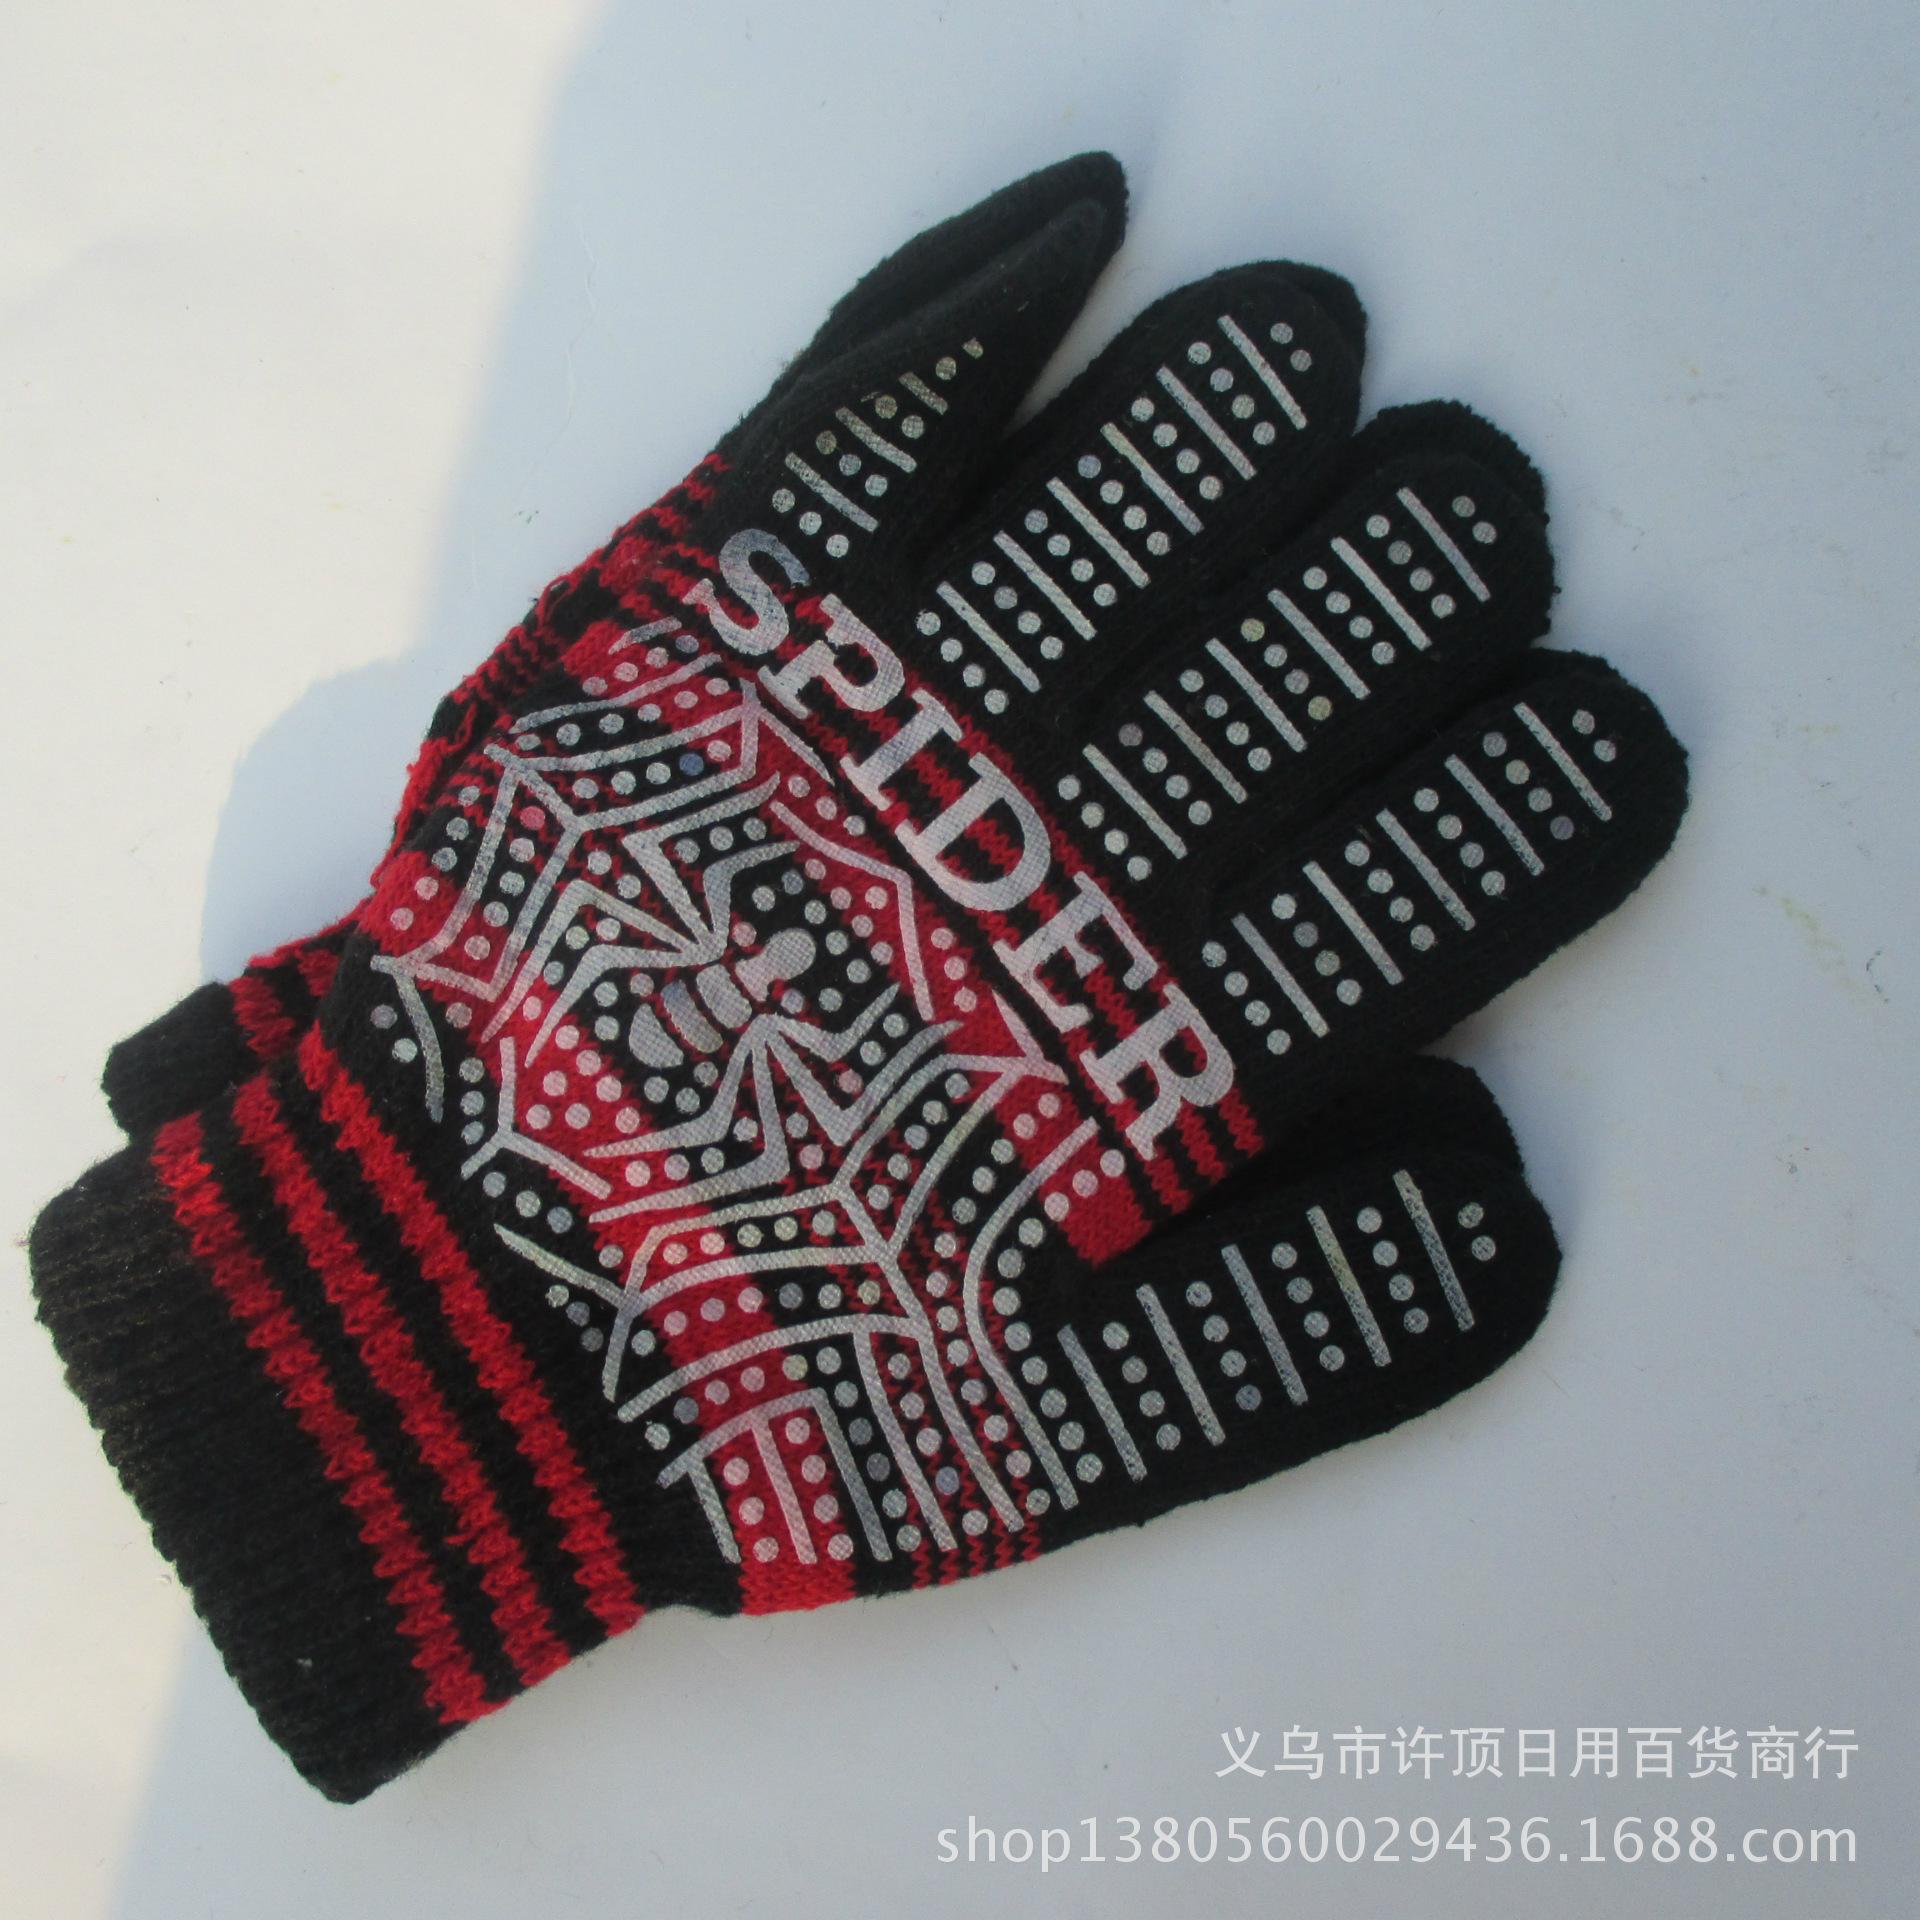 2元男士点珠加厚手套 保暖手套 劳保手套 二元地摊产品批发